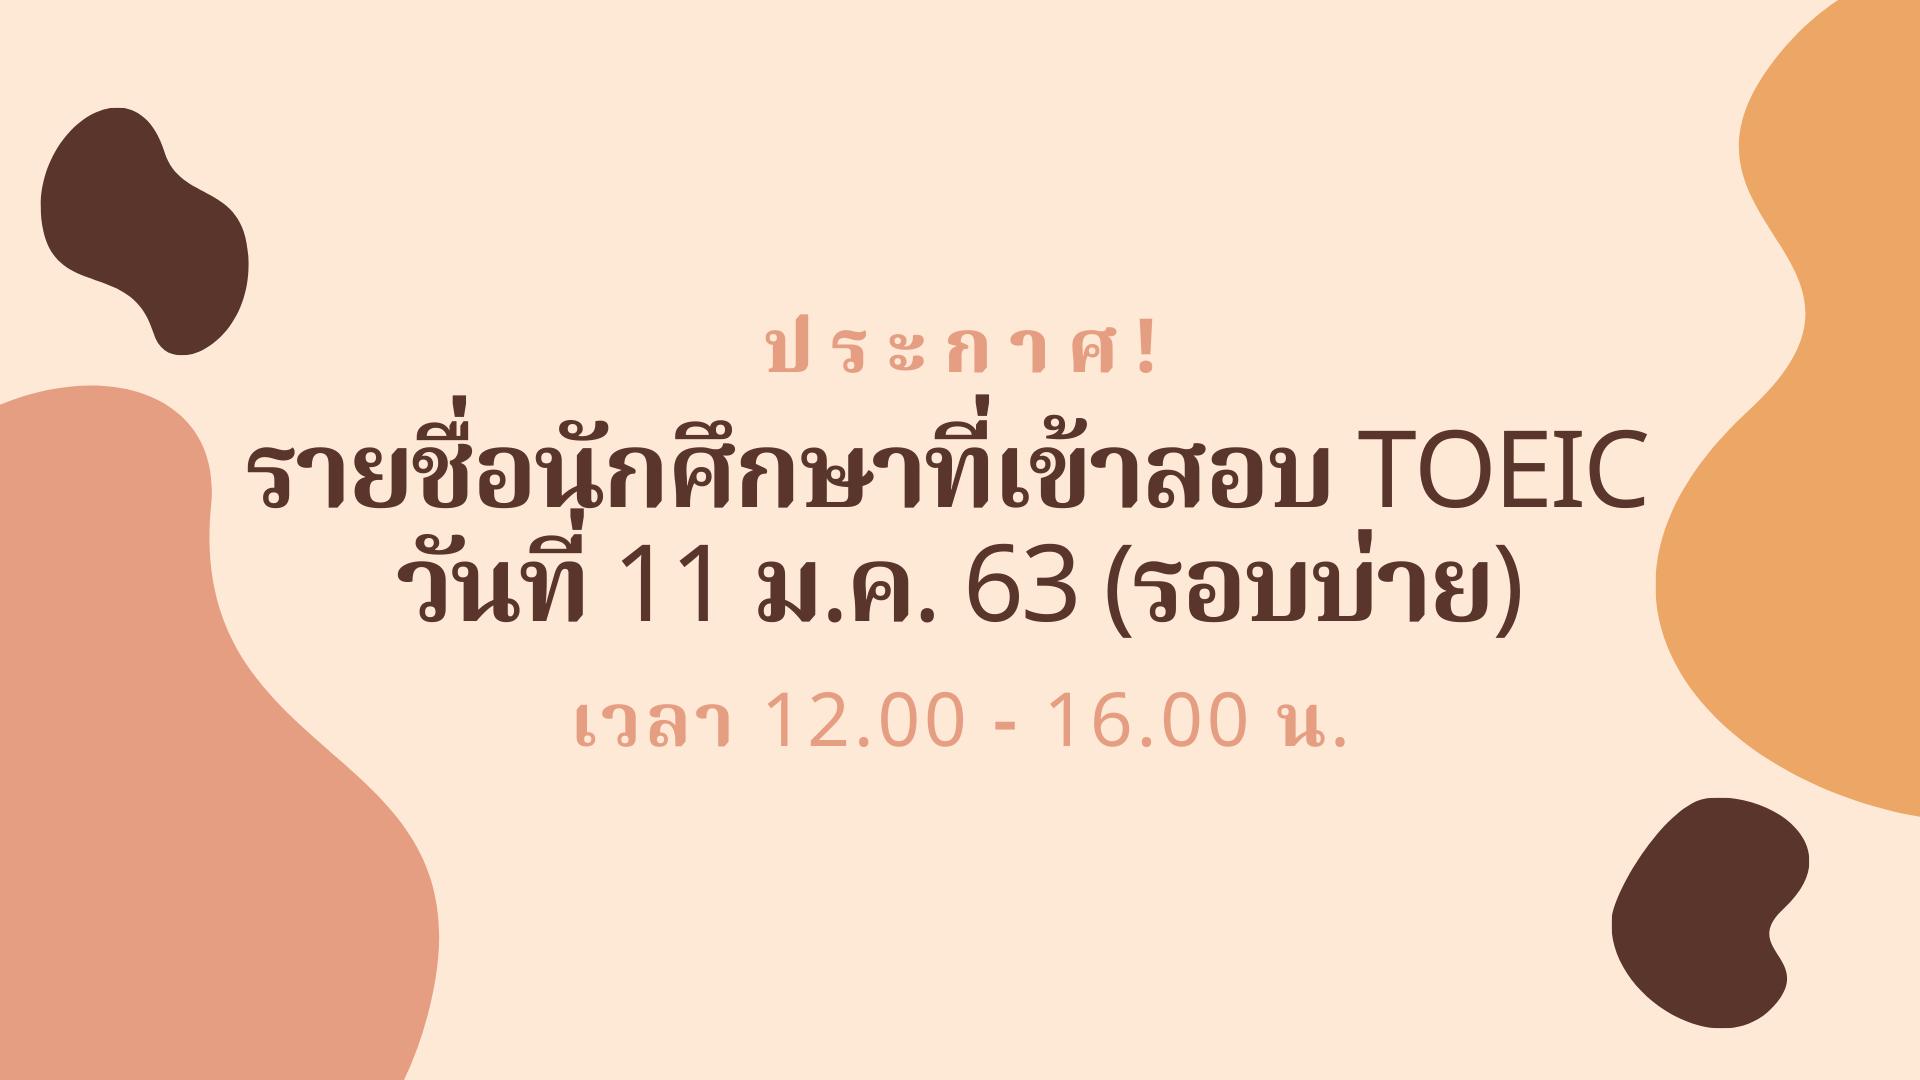 ประกาศ! รายชื่อนักศึกษาเข้าทดสอบ TOEIC วันที่ 11 มกราคม 2563 (รอบบ่าย)